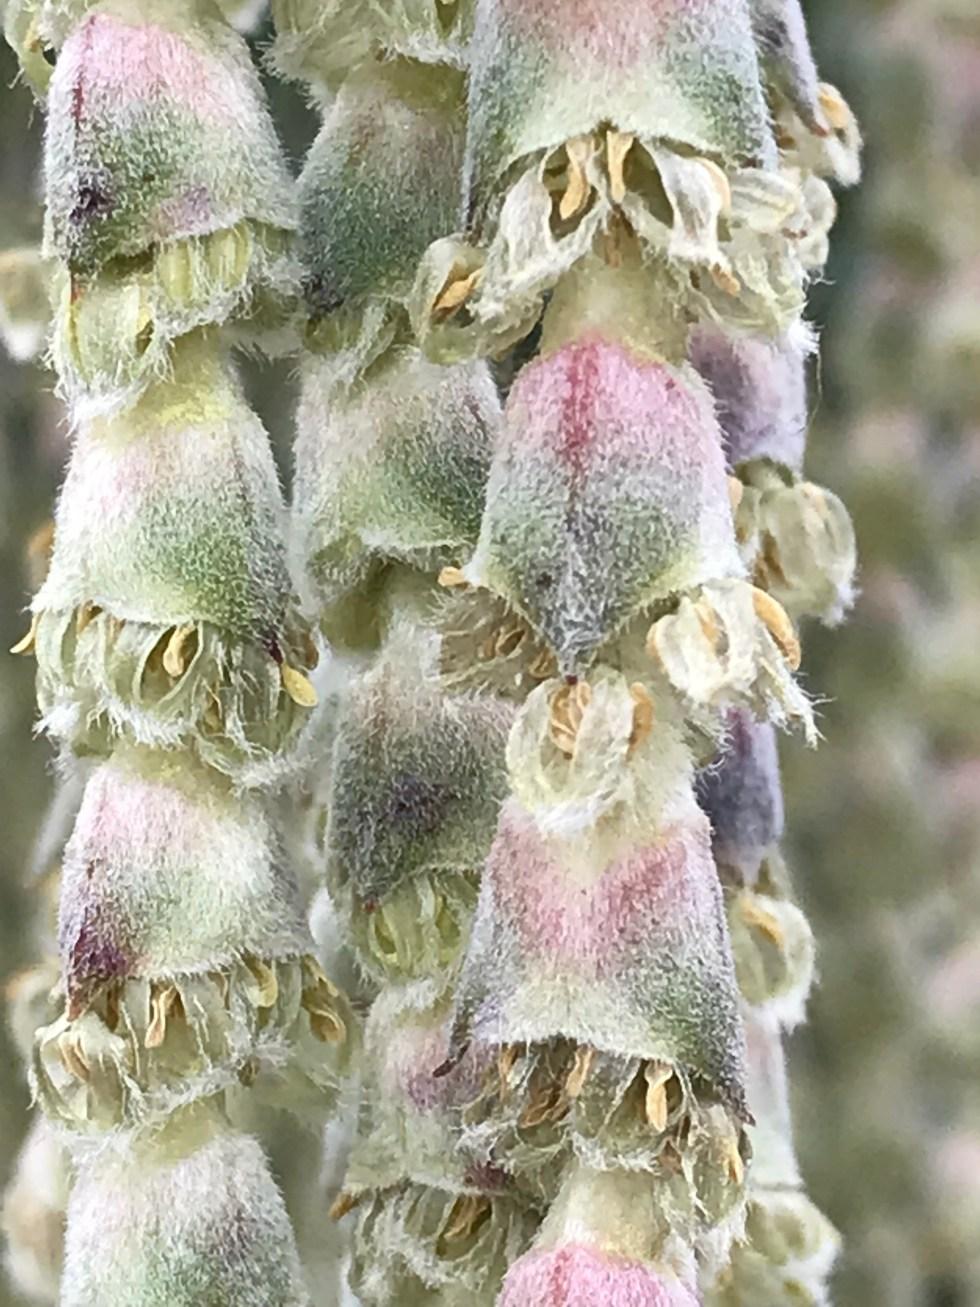 img 1993 Plant of the week: Garrya elliptica 'James Roof'